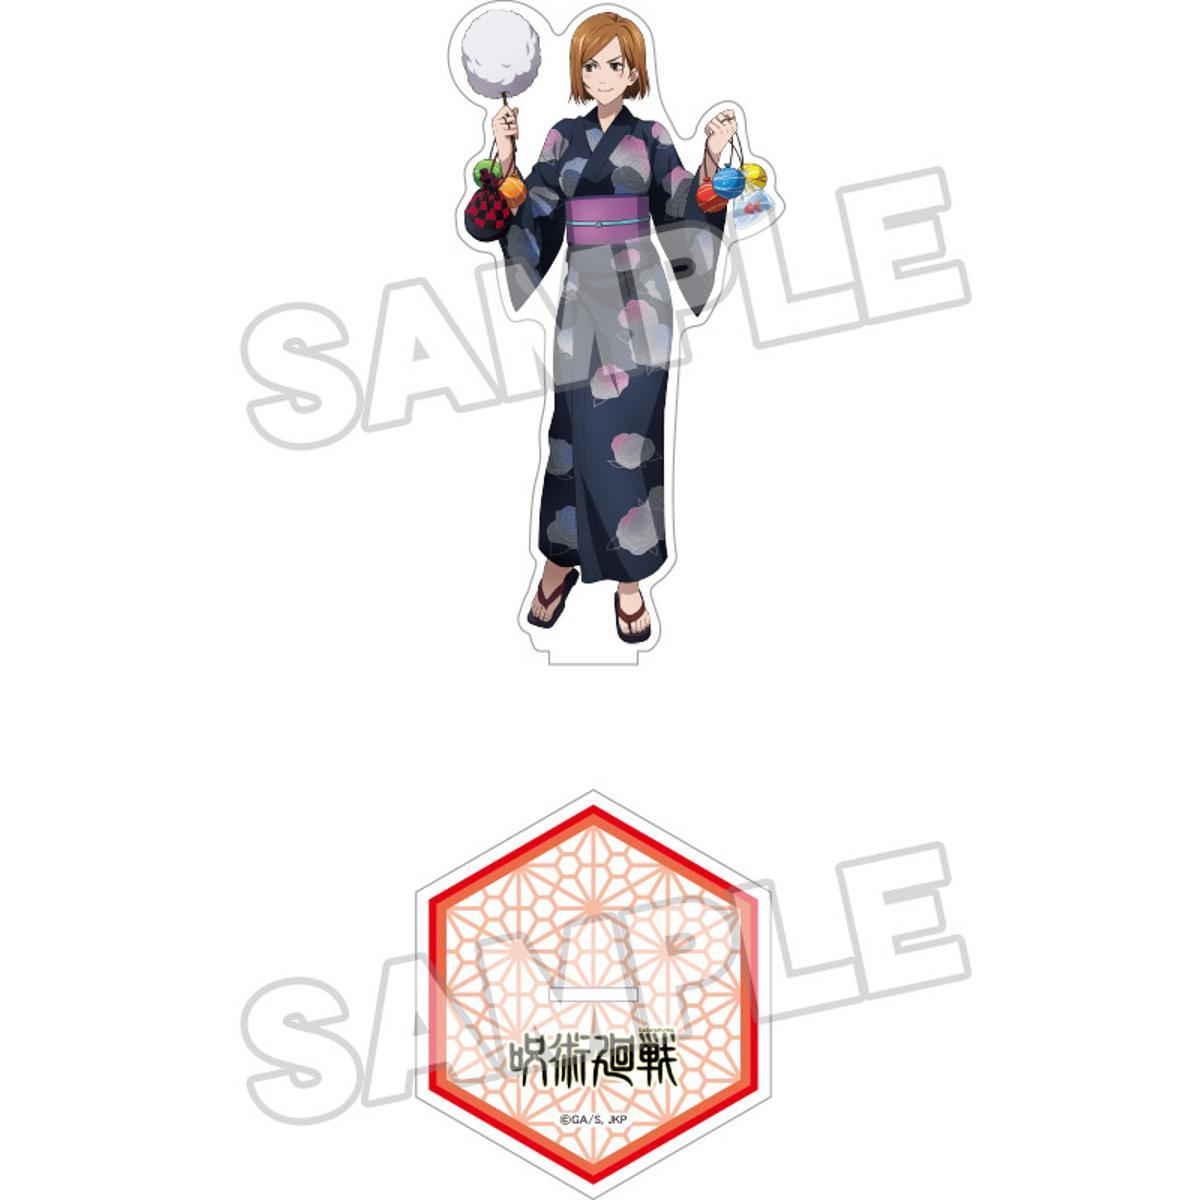 Jujutsu Kaisen Special Illustration Acrylic Stand (Yuji Itadori/Megumi Fushiguro/Nobara Kugisaki/Satoru Gojo)